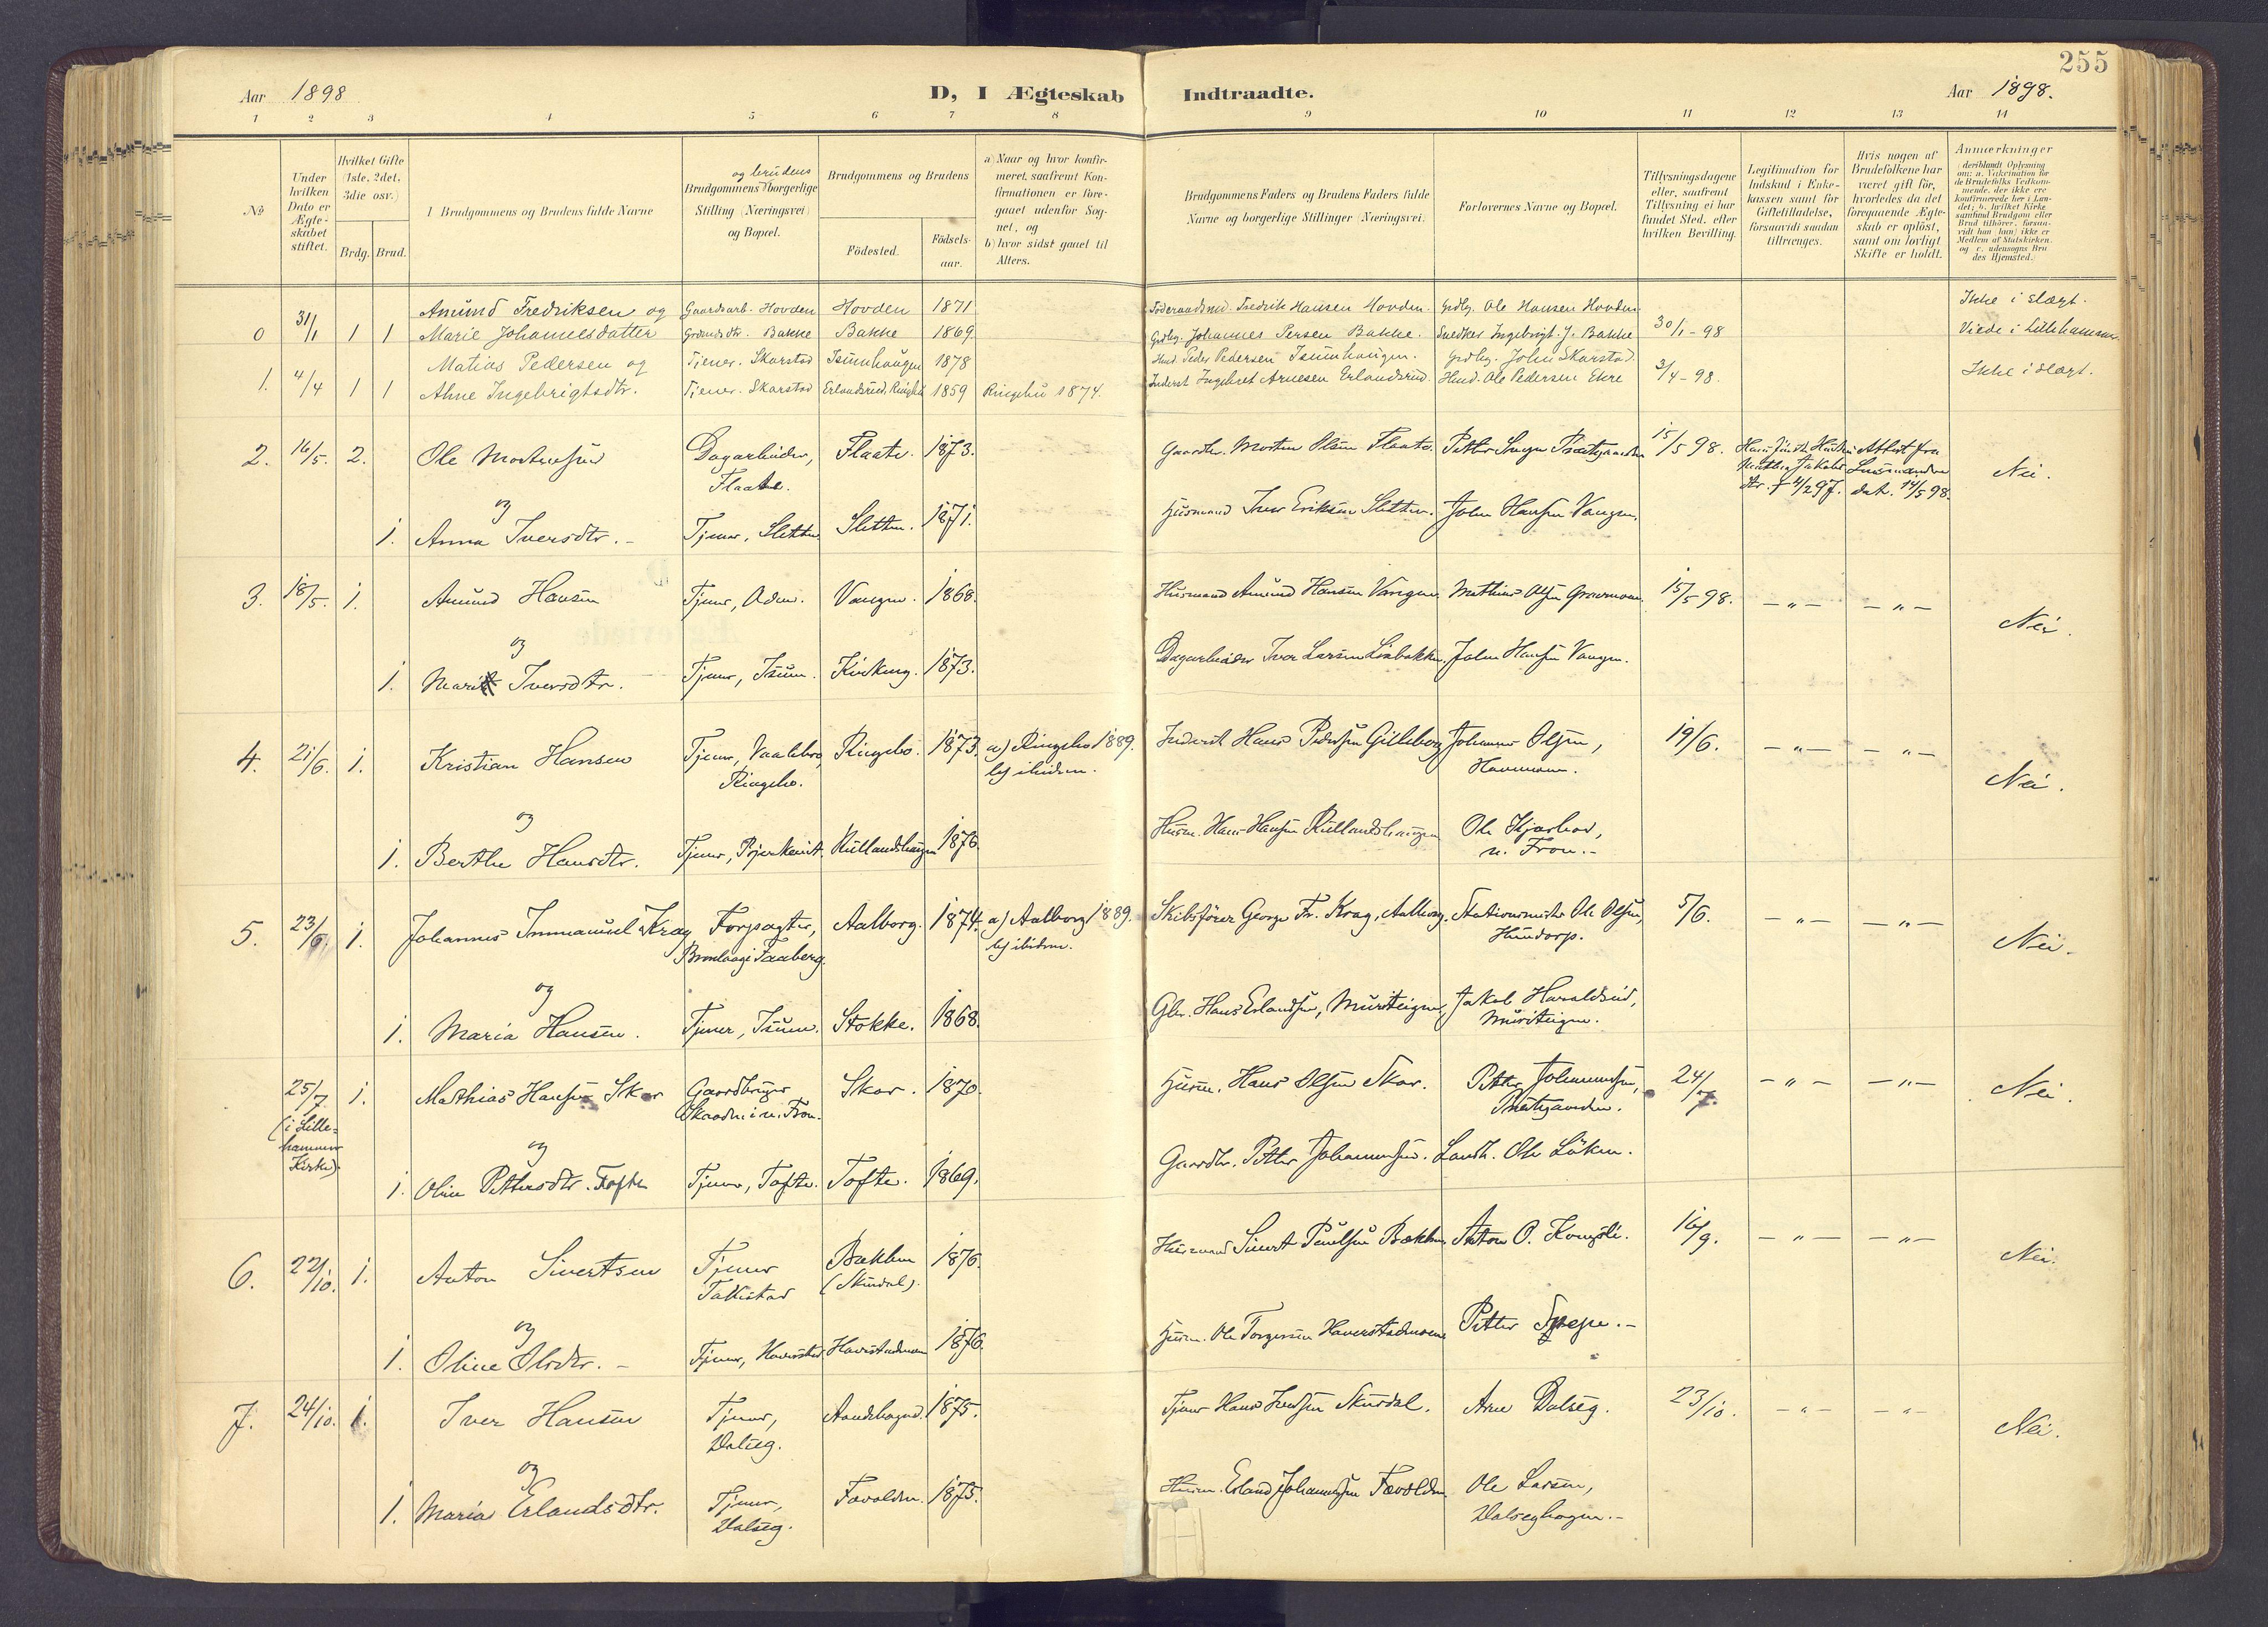 SAH, Sør-Fron prestekontor, H/Ha/Haa/L0004: Ministerialbok nr. 4, 1898-1919, s. 255